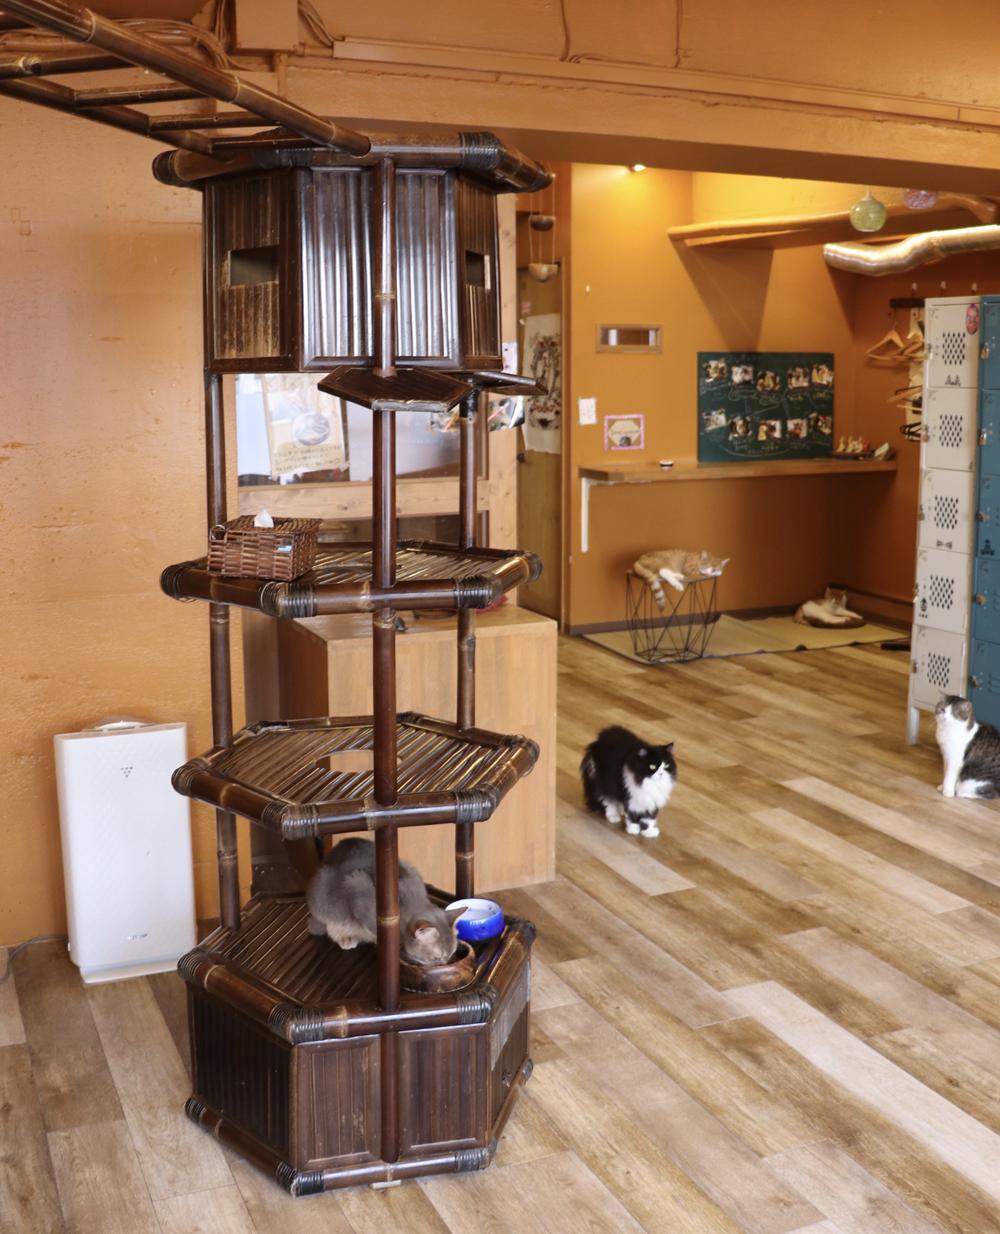 バリ島工房で特注したバンブー製のキャットタワー